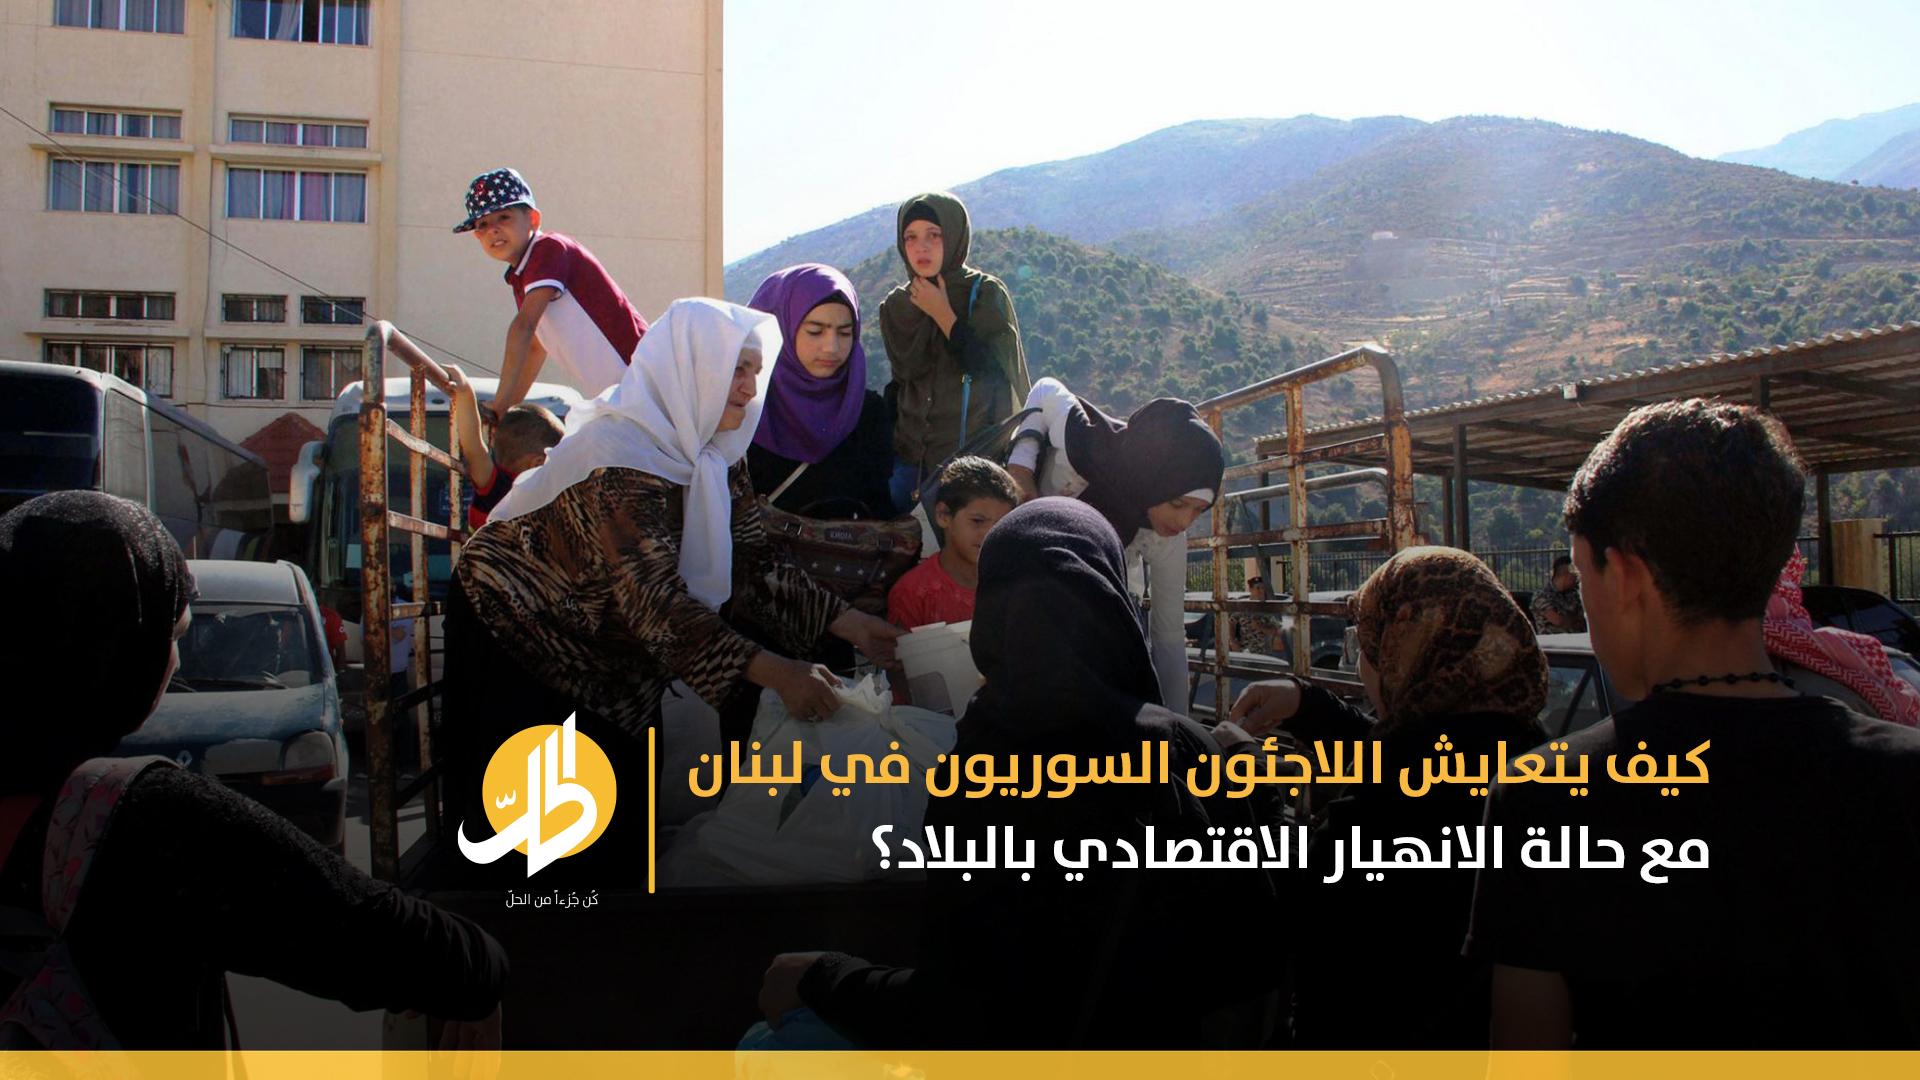 معاناة اللاجئين السوريين في لبنان لم تبدأ مع الانهيار الاقتصادي بالبلاد، ولكن كيف صار وضعهم بعده؟